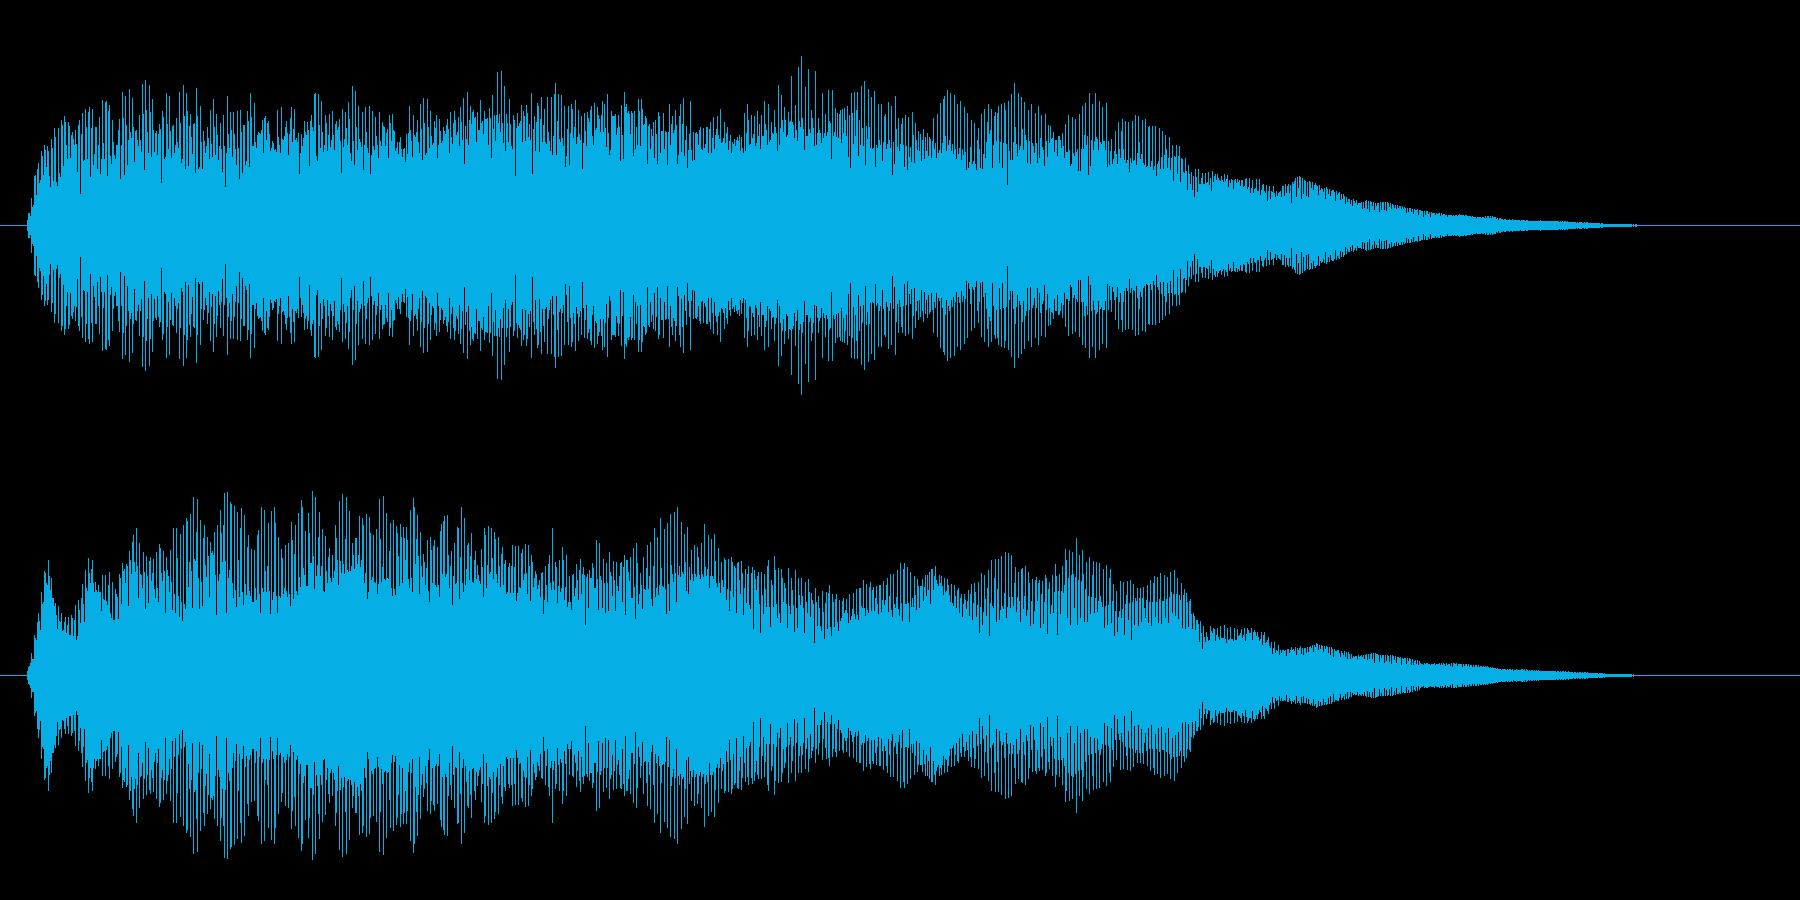 幻想的な宇宙空間の効果音の再生済みの波形